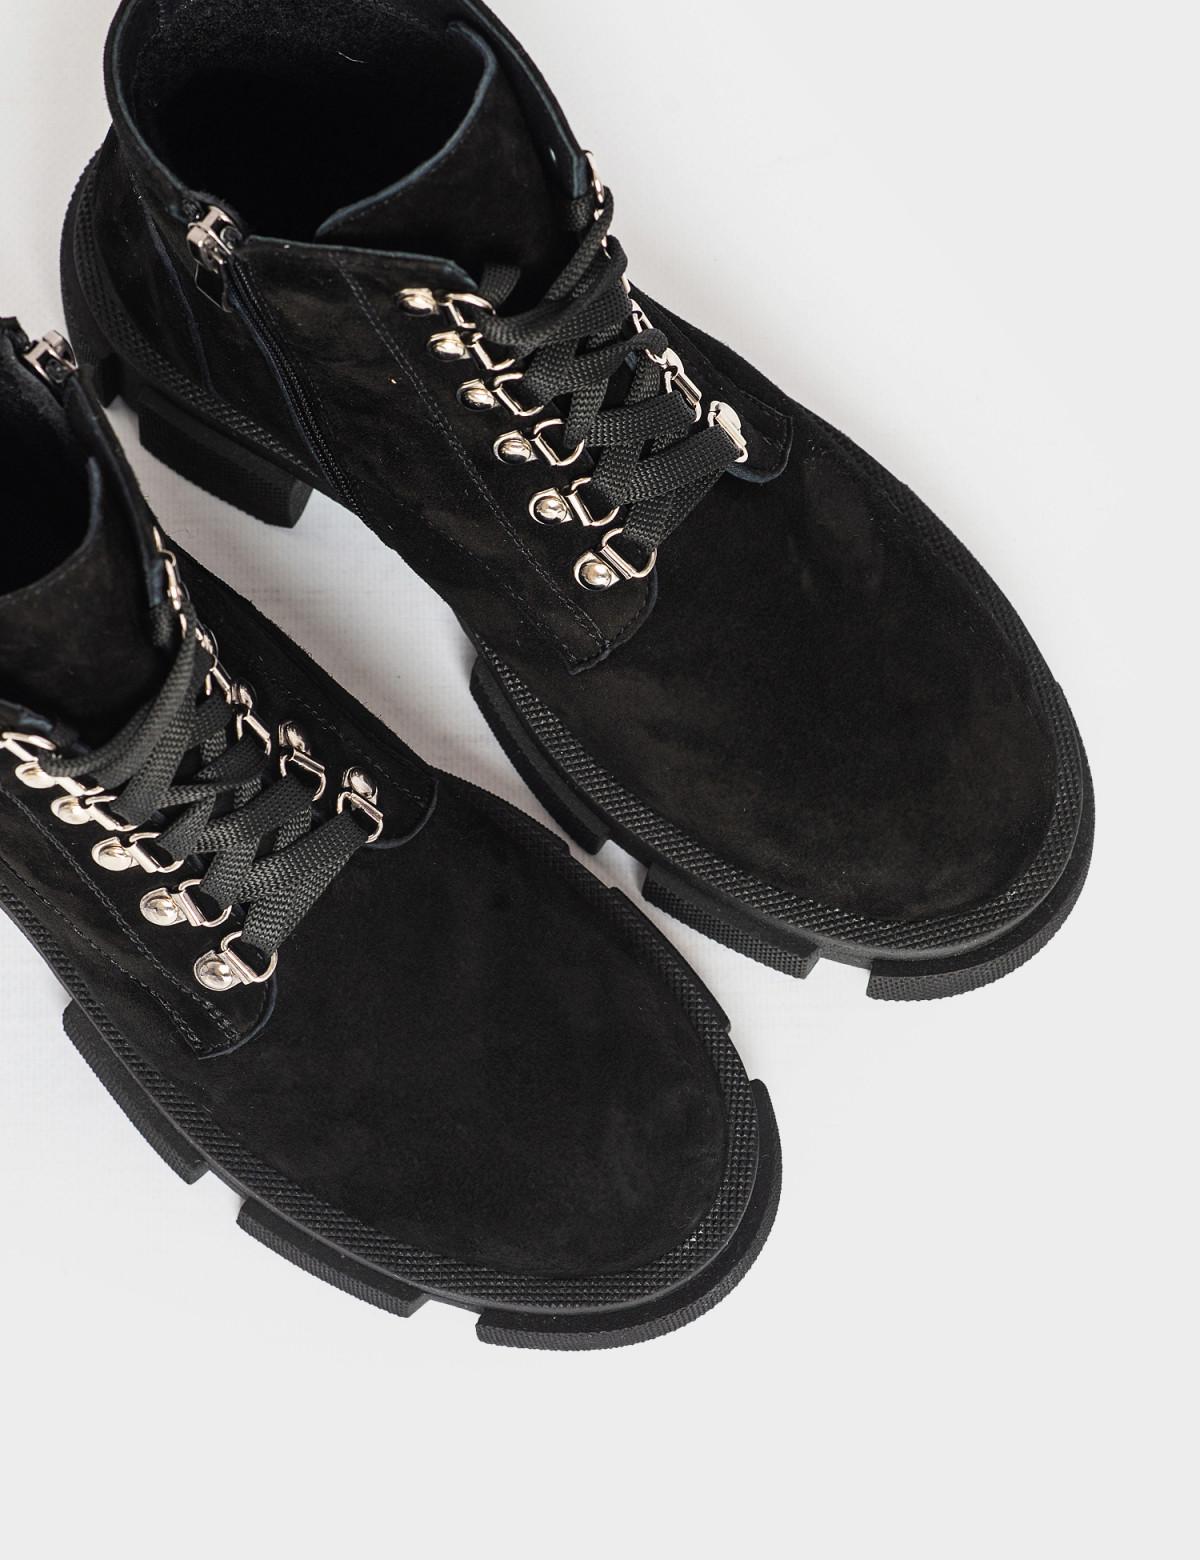 Ботинки черные. Натуральная замша. Байка3